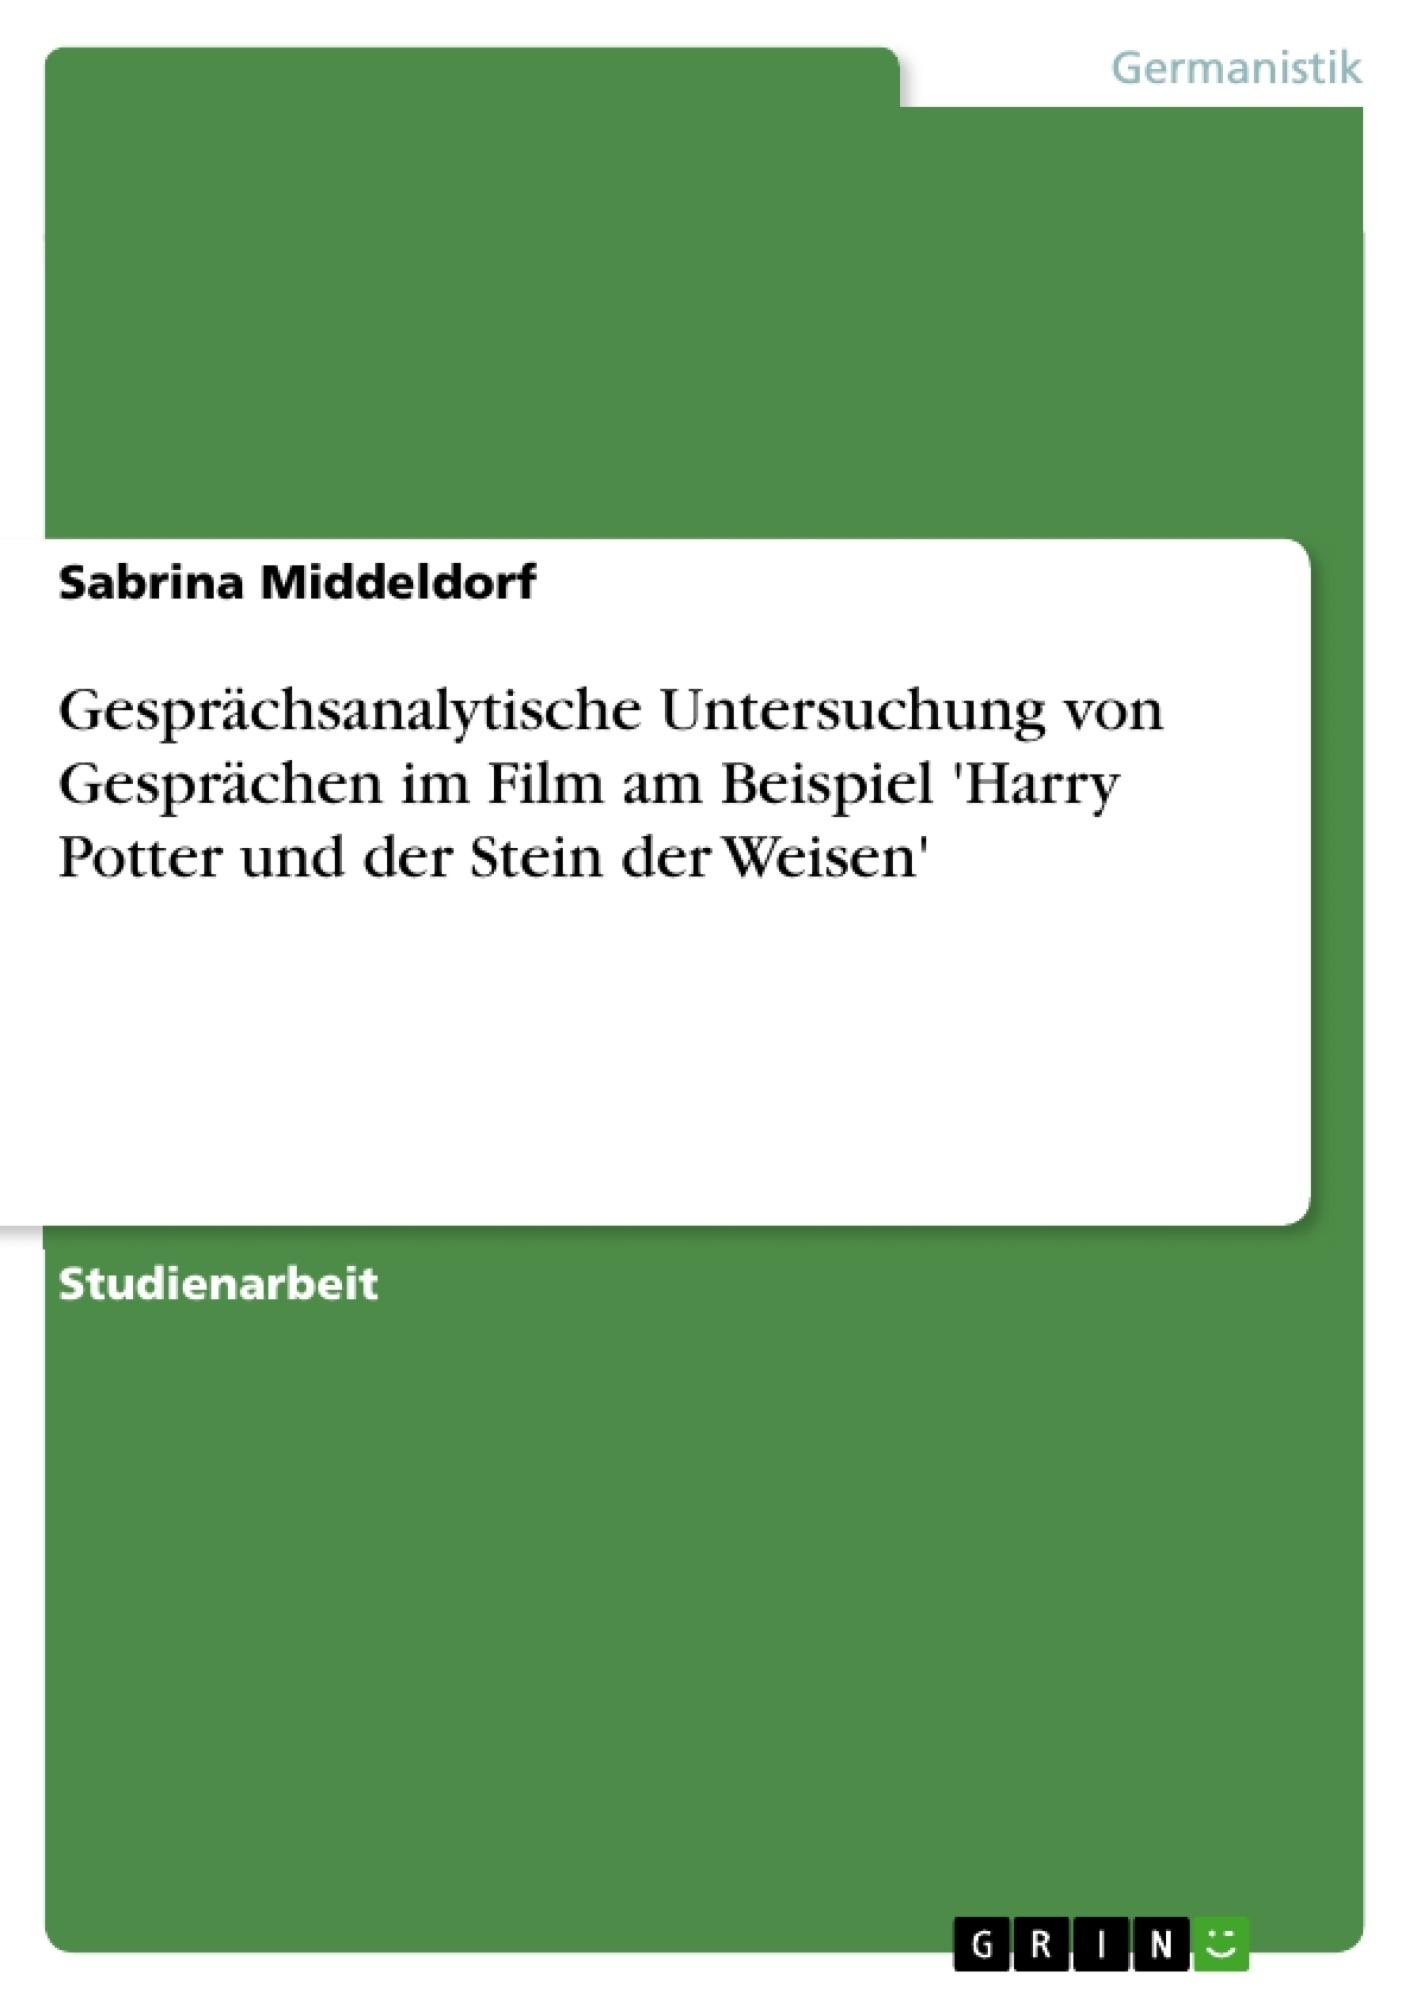 Titel: Gesprächsanalytische Untersuchung von Gesprächen im Film am Beispiel 'Harry Potter und der Stein der Weisen'